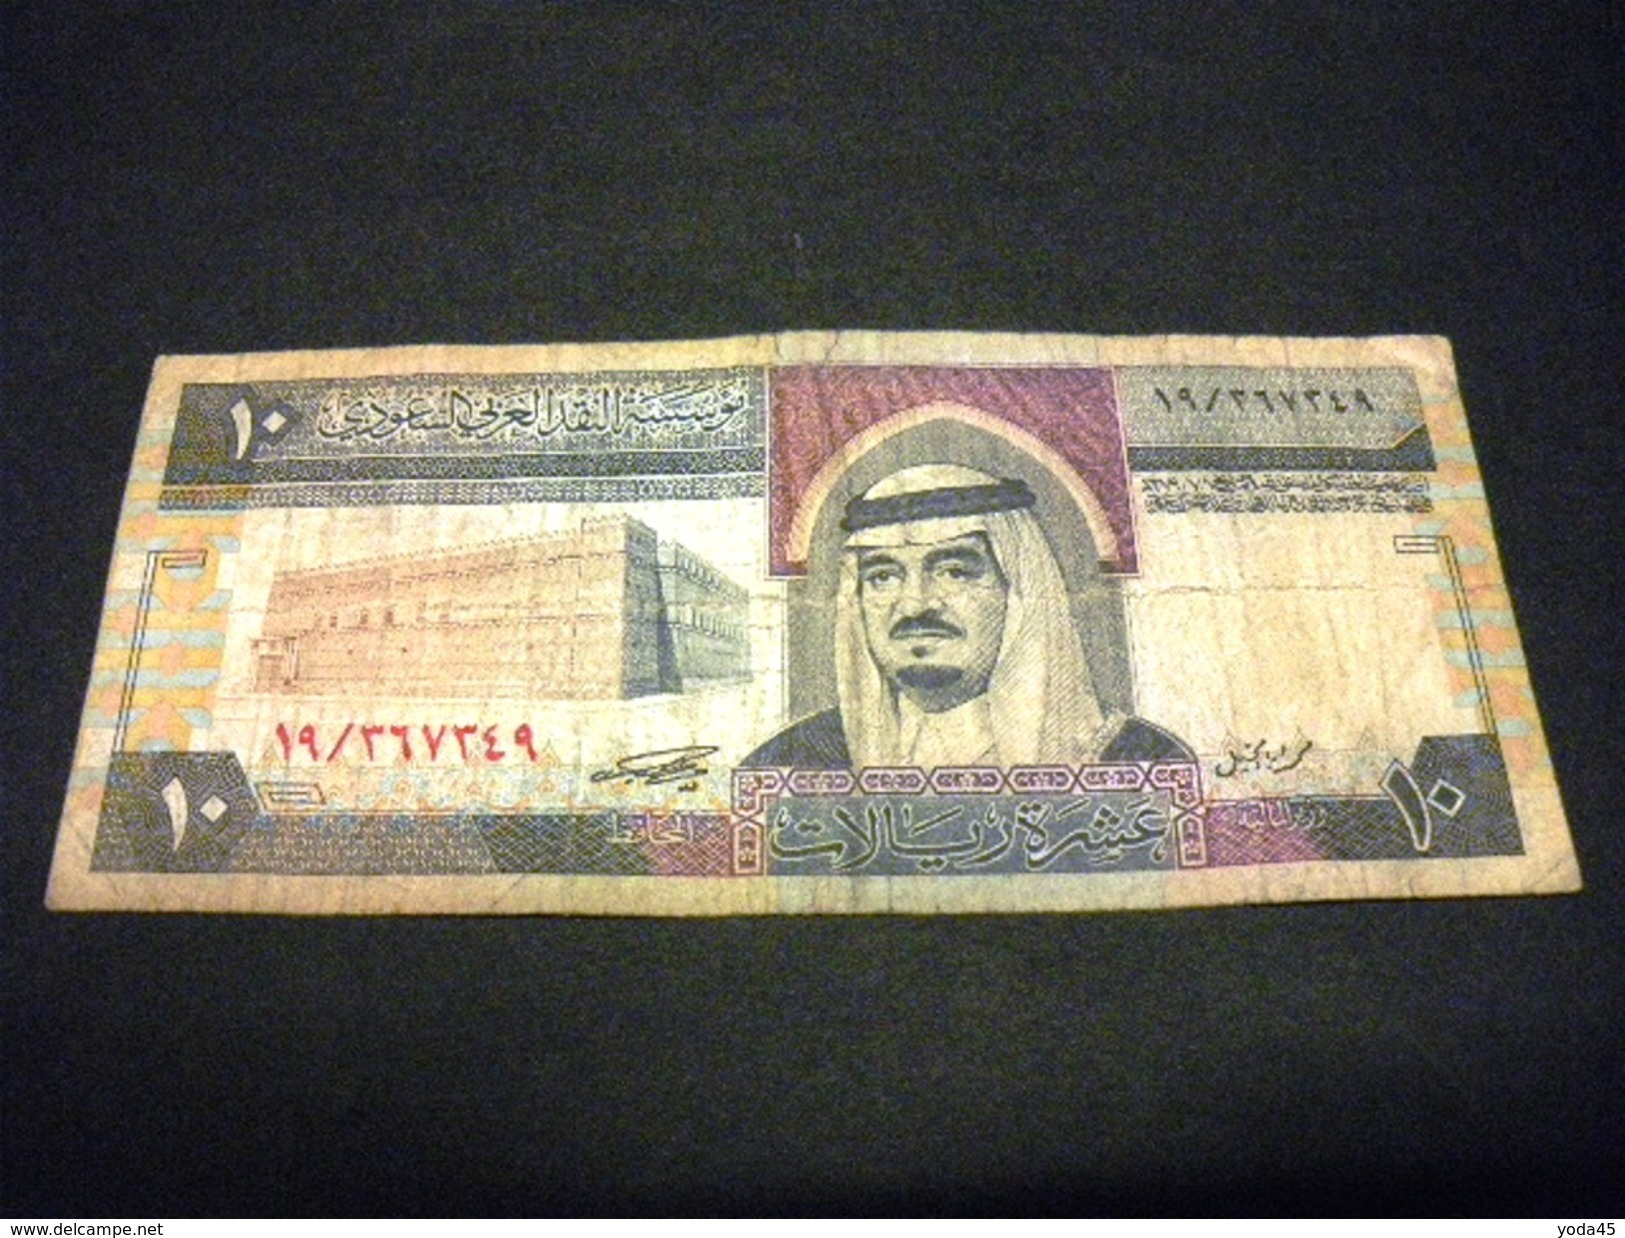 ARABIE SAOUDITE 10 RIYAL 1983, Pick N° 23 B, SAUDI ARABIA - Arabie Saoudite